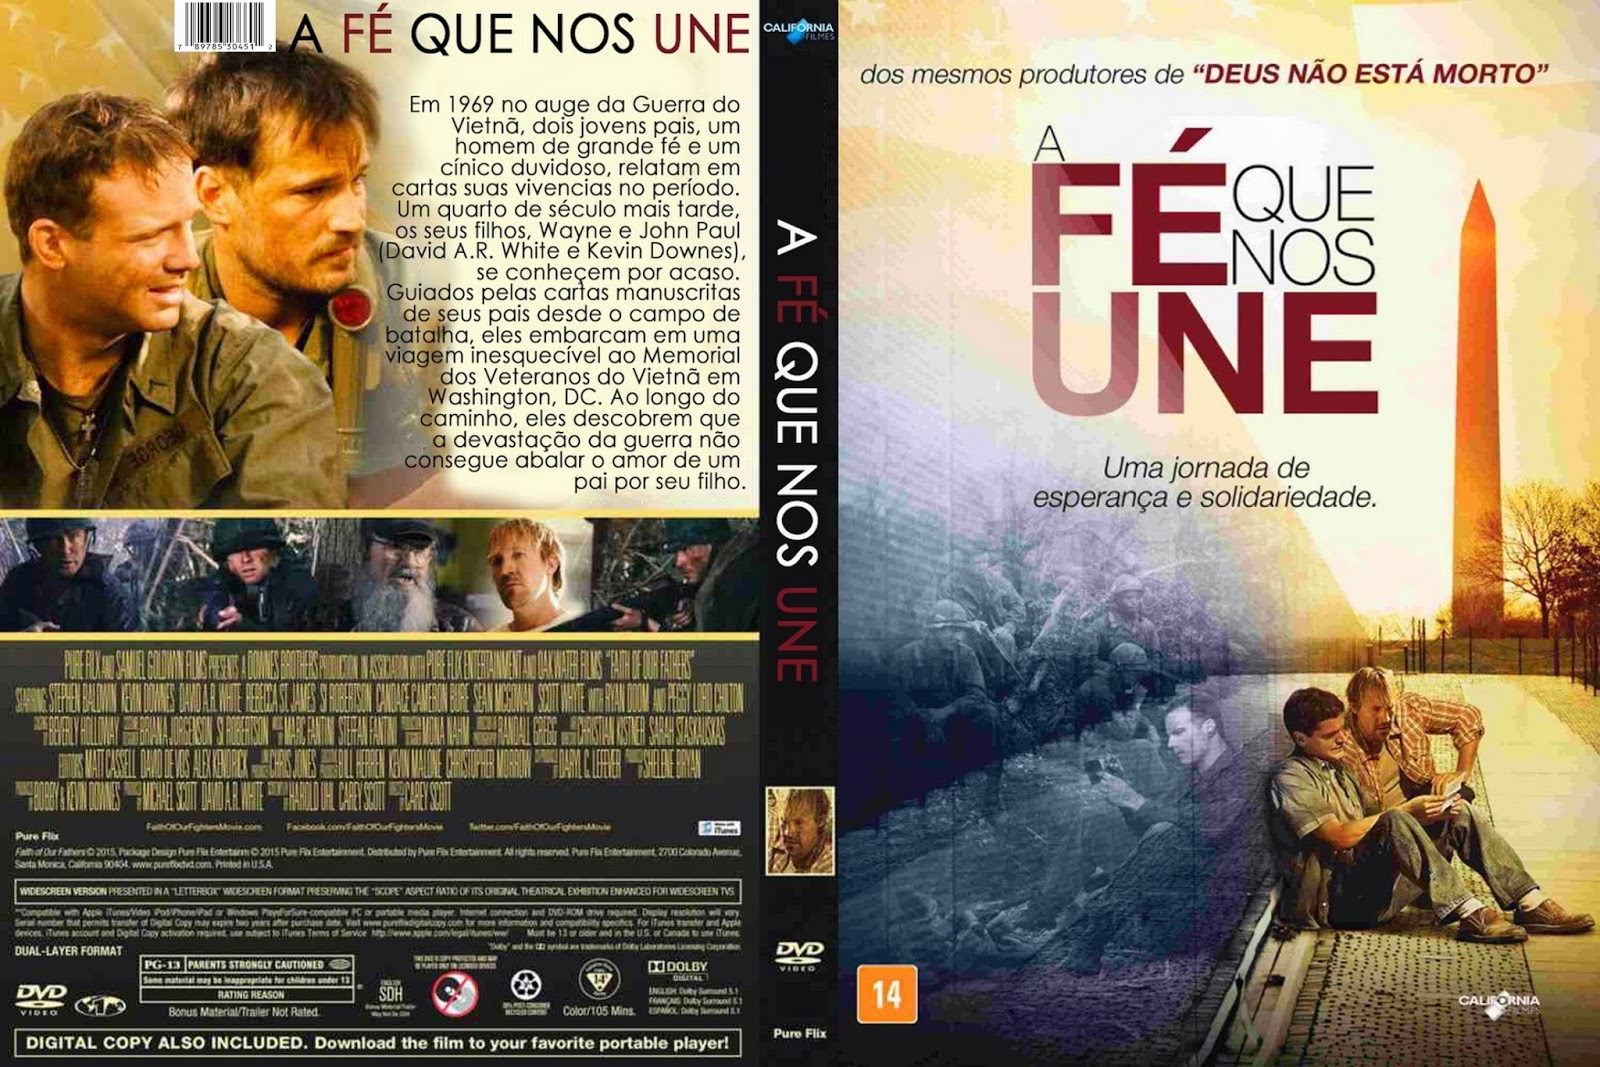 FILME ONLINE A FÉ QUE UNE - ASSISTA ONLINE AQUI